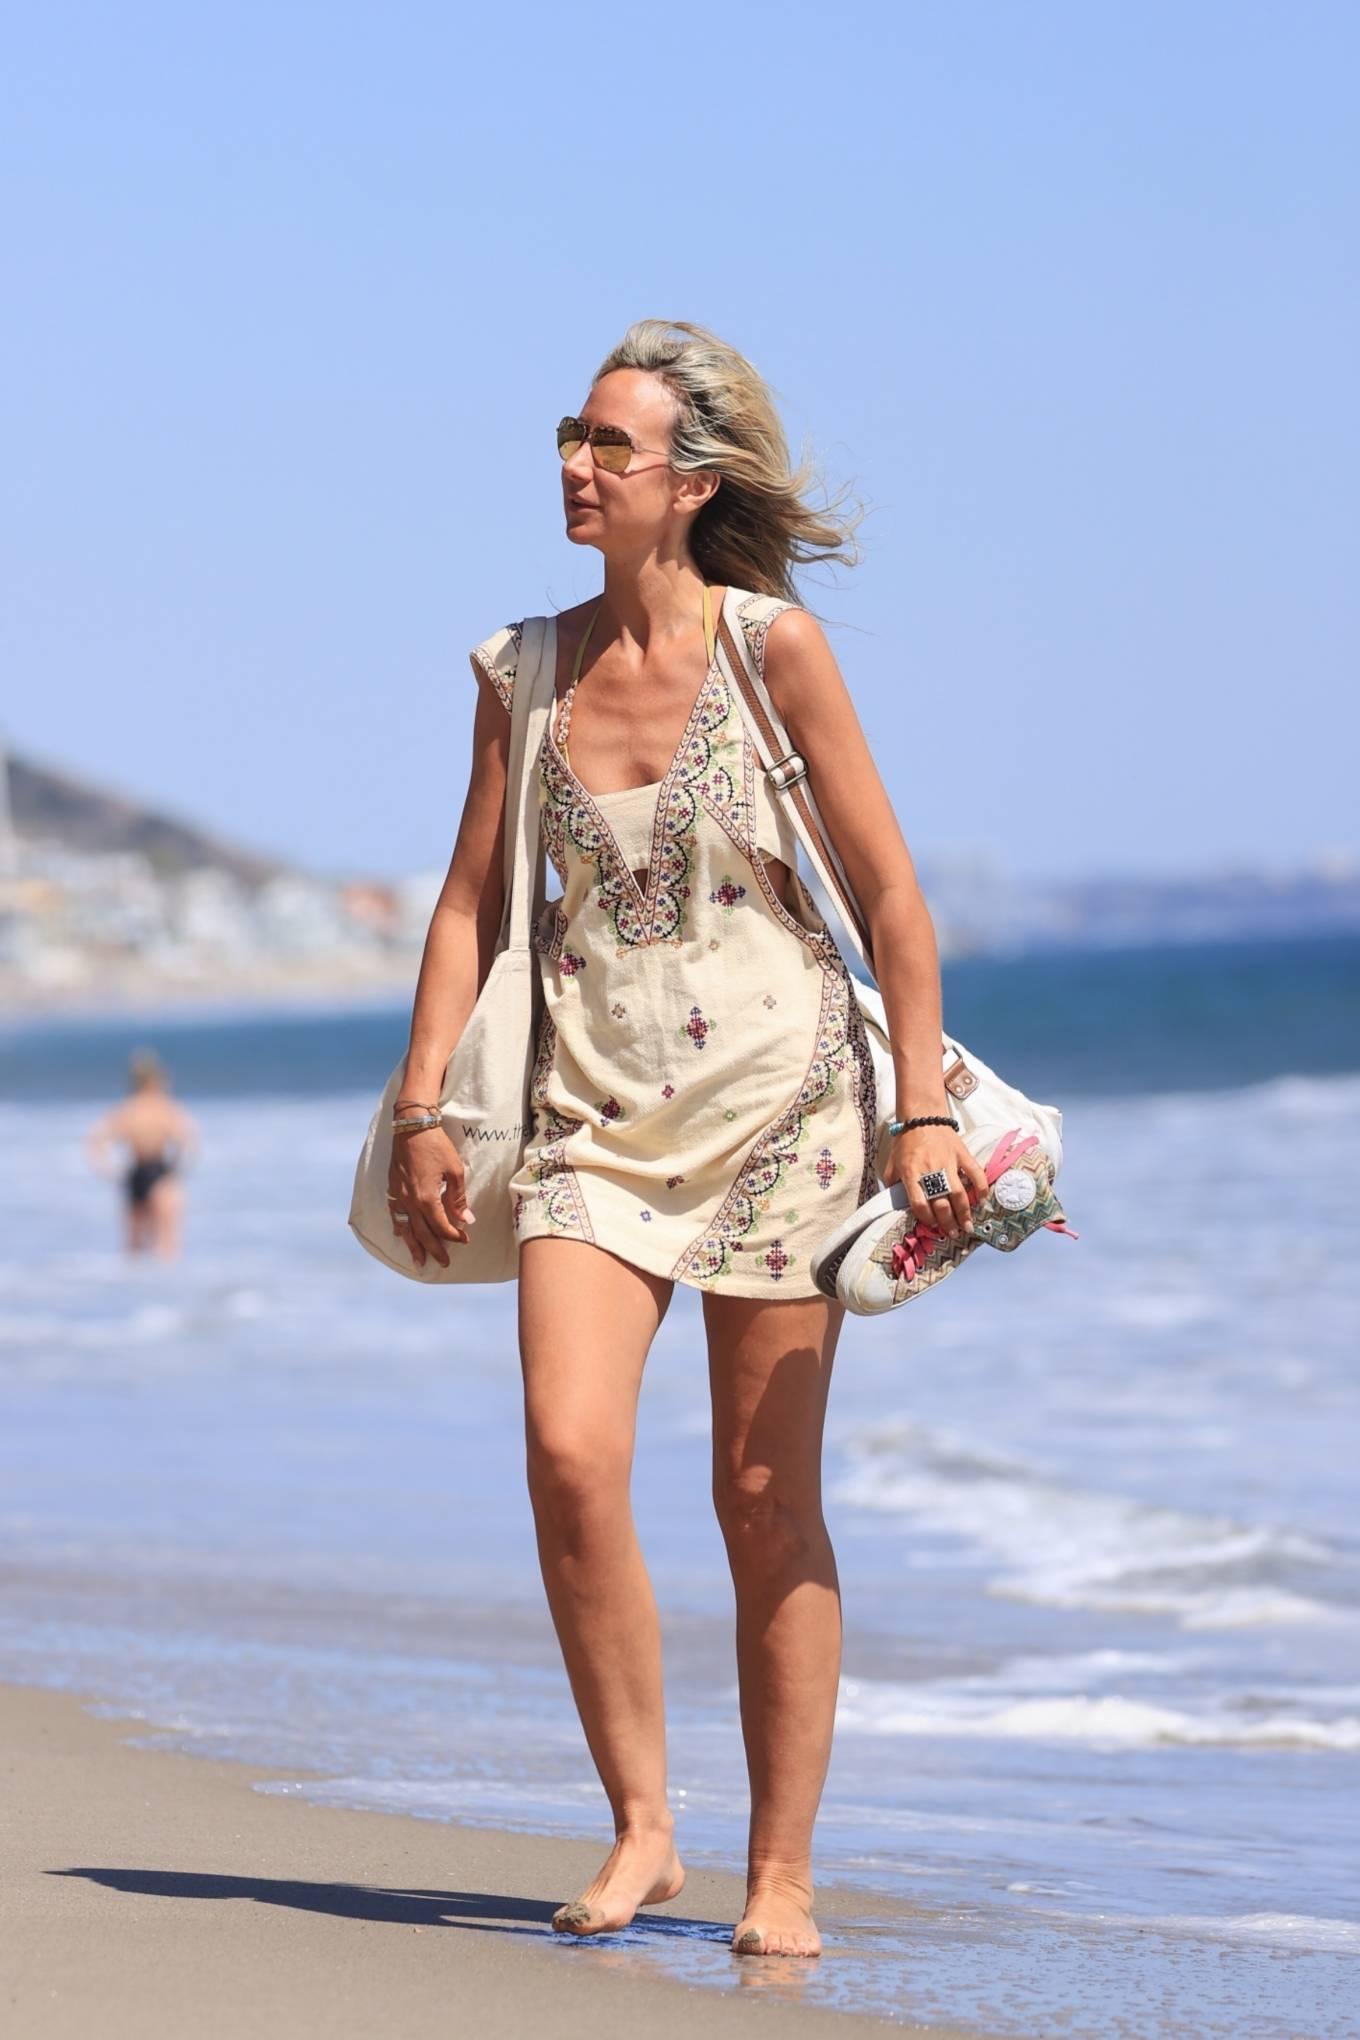 Lady Victoria Hervey 2021 : Lady Victoria Hervey – Bikini candids in Malibu-19